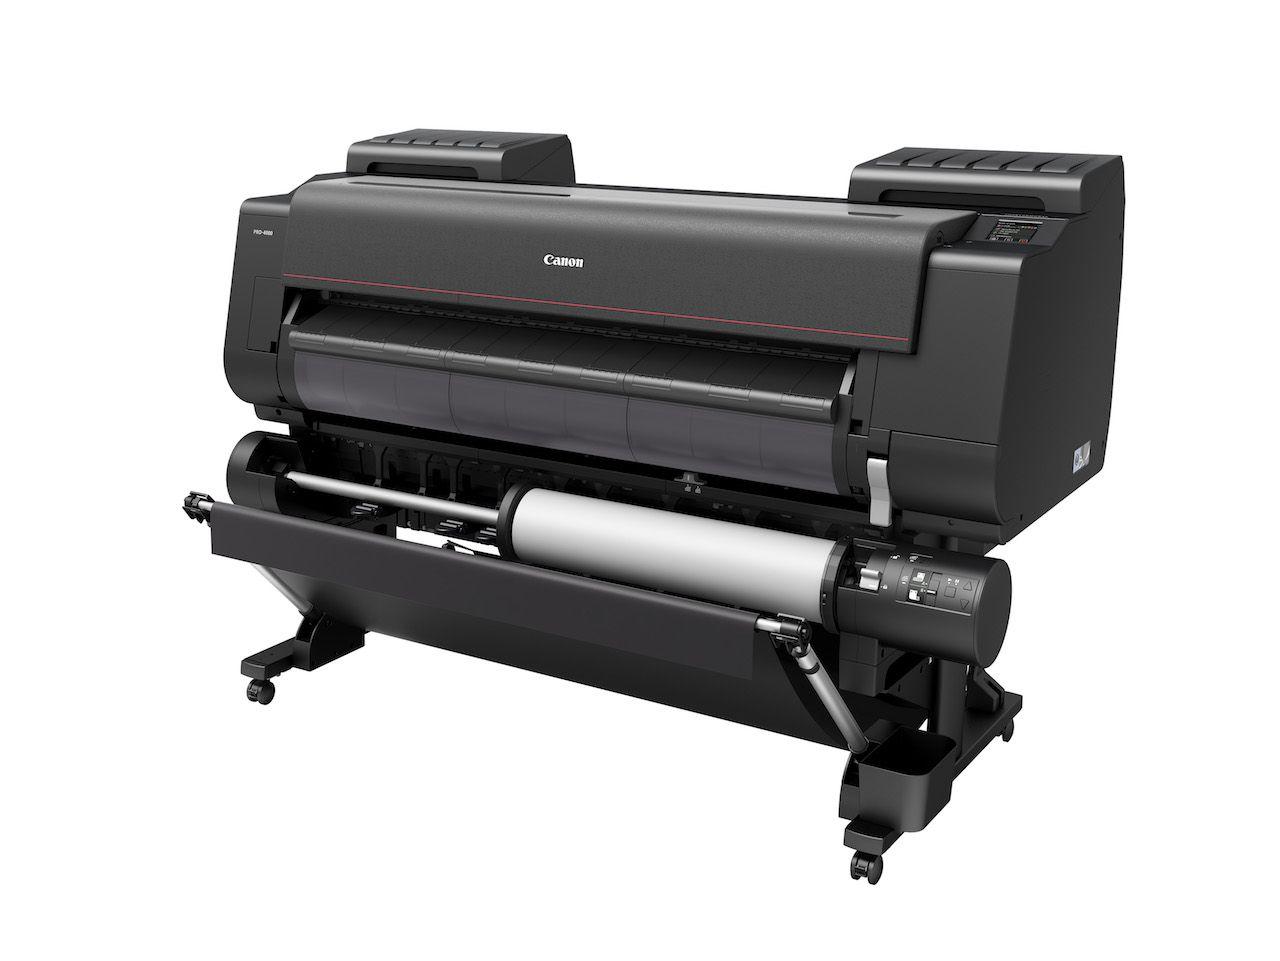 Plotter Canon ImagePROGRAF PRO4000 - Incluso treinamento remoto